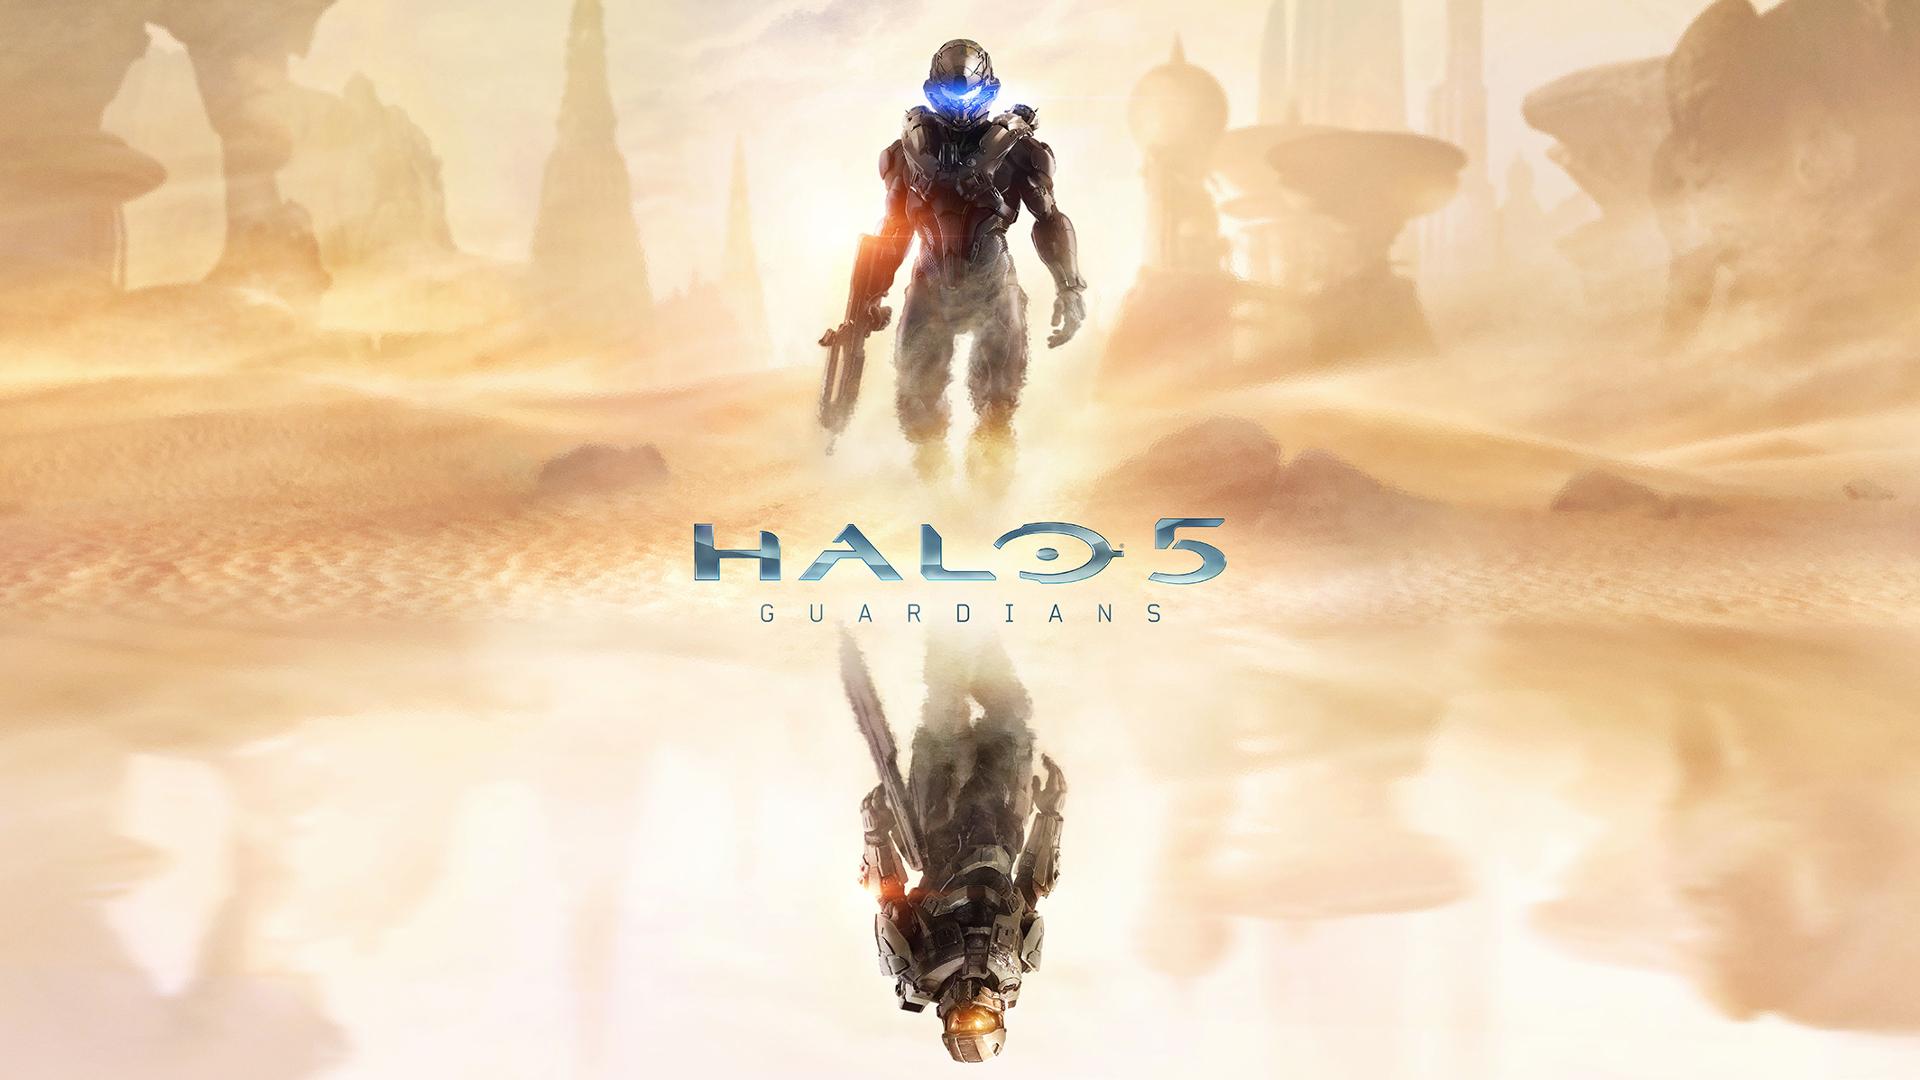 papel de parede de Halo 5 Guardians que ser lanado para Xbox One 1920x1080